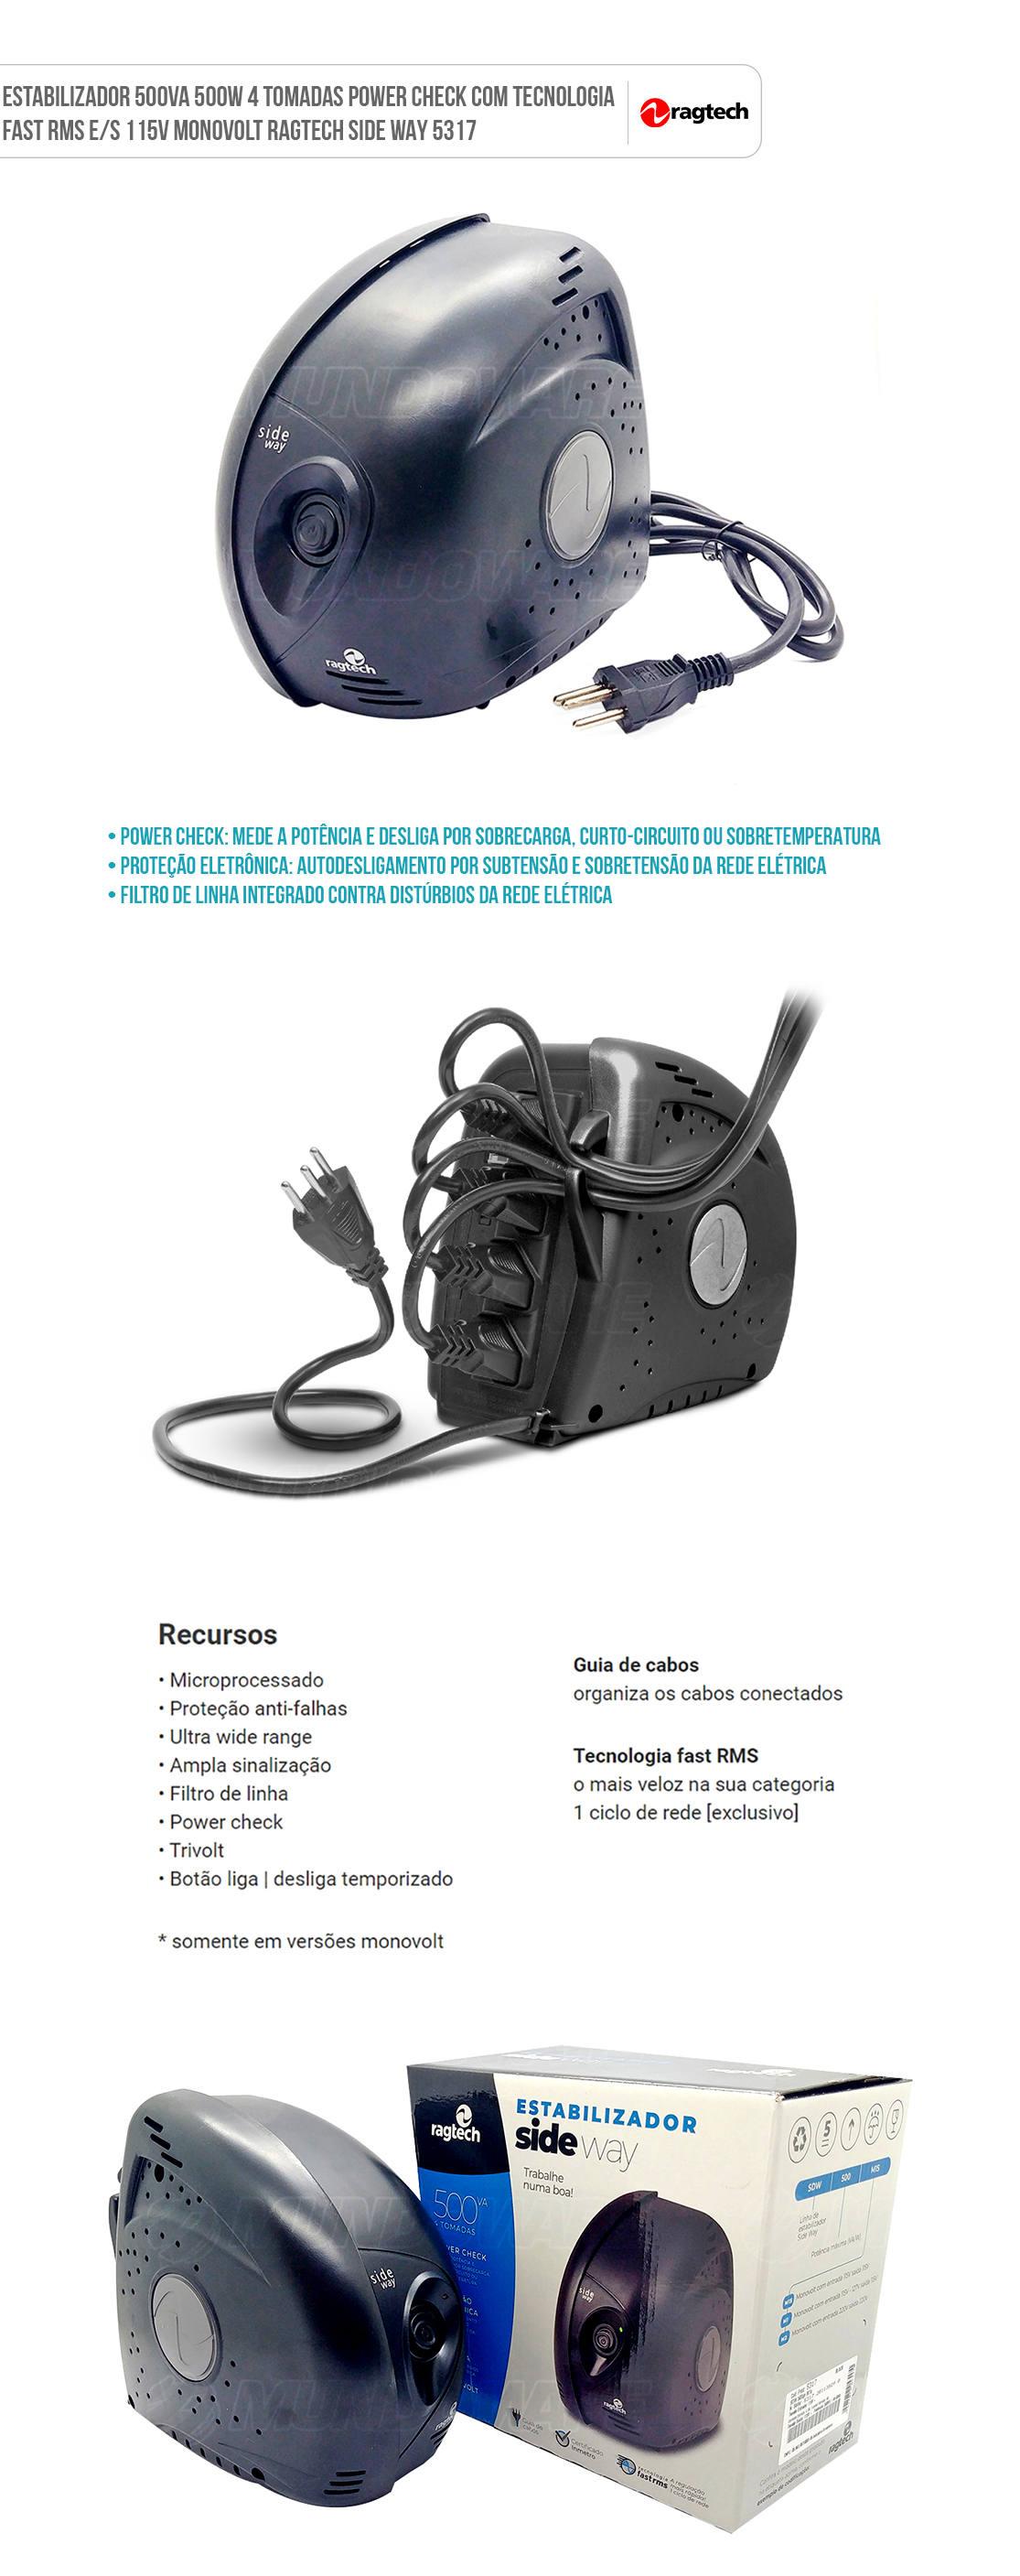 Estabilizador 500VA 500W 4 Tomadas Power Check com Tecnologia Fast RMS E/S 115V Monovolt Ragtech Side Way 5317